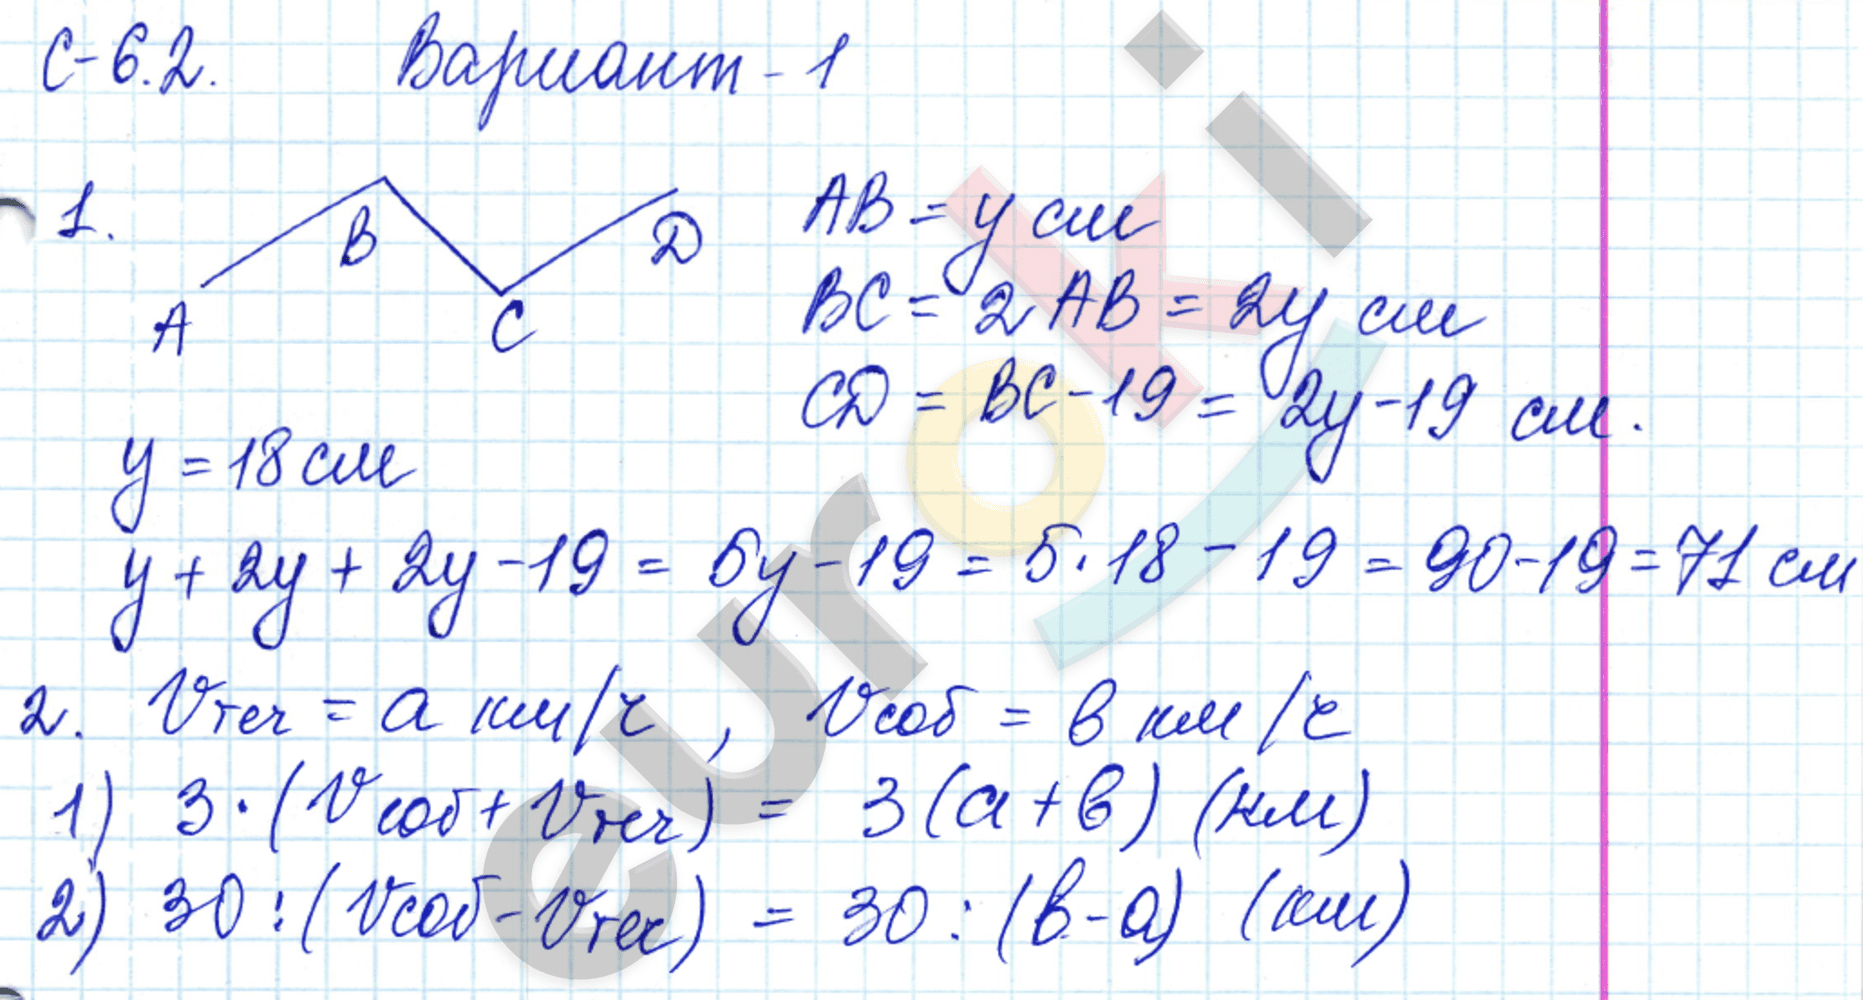 ГДЗ по математике 5 класс самостоятельные работы Зубарева, Мильштейн, Шанцева Тема 1. Натуральные числа, С-6.2. Ломаная. Задание: Вариант 1